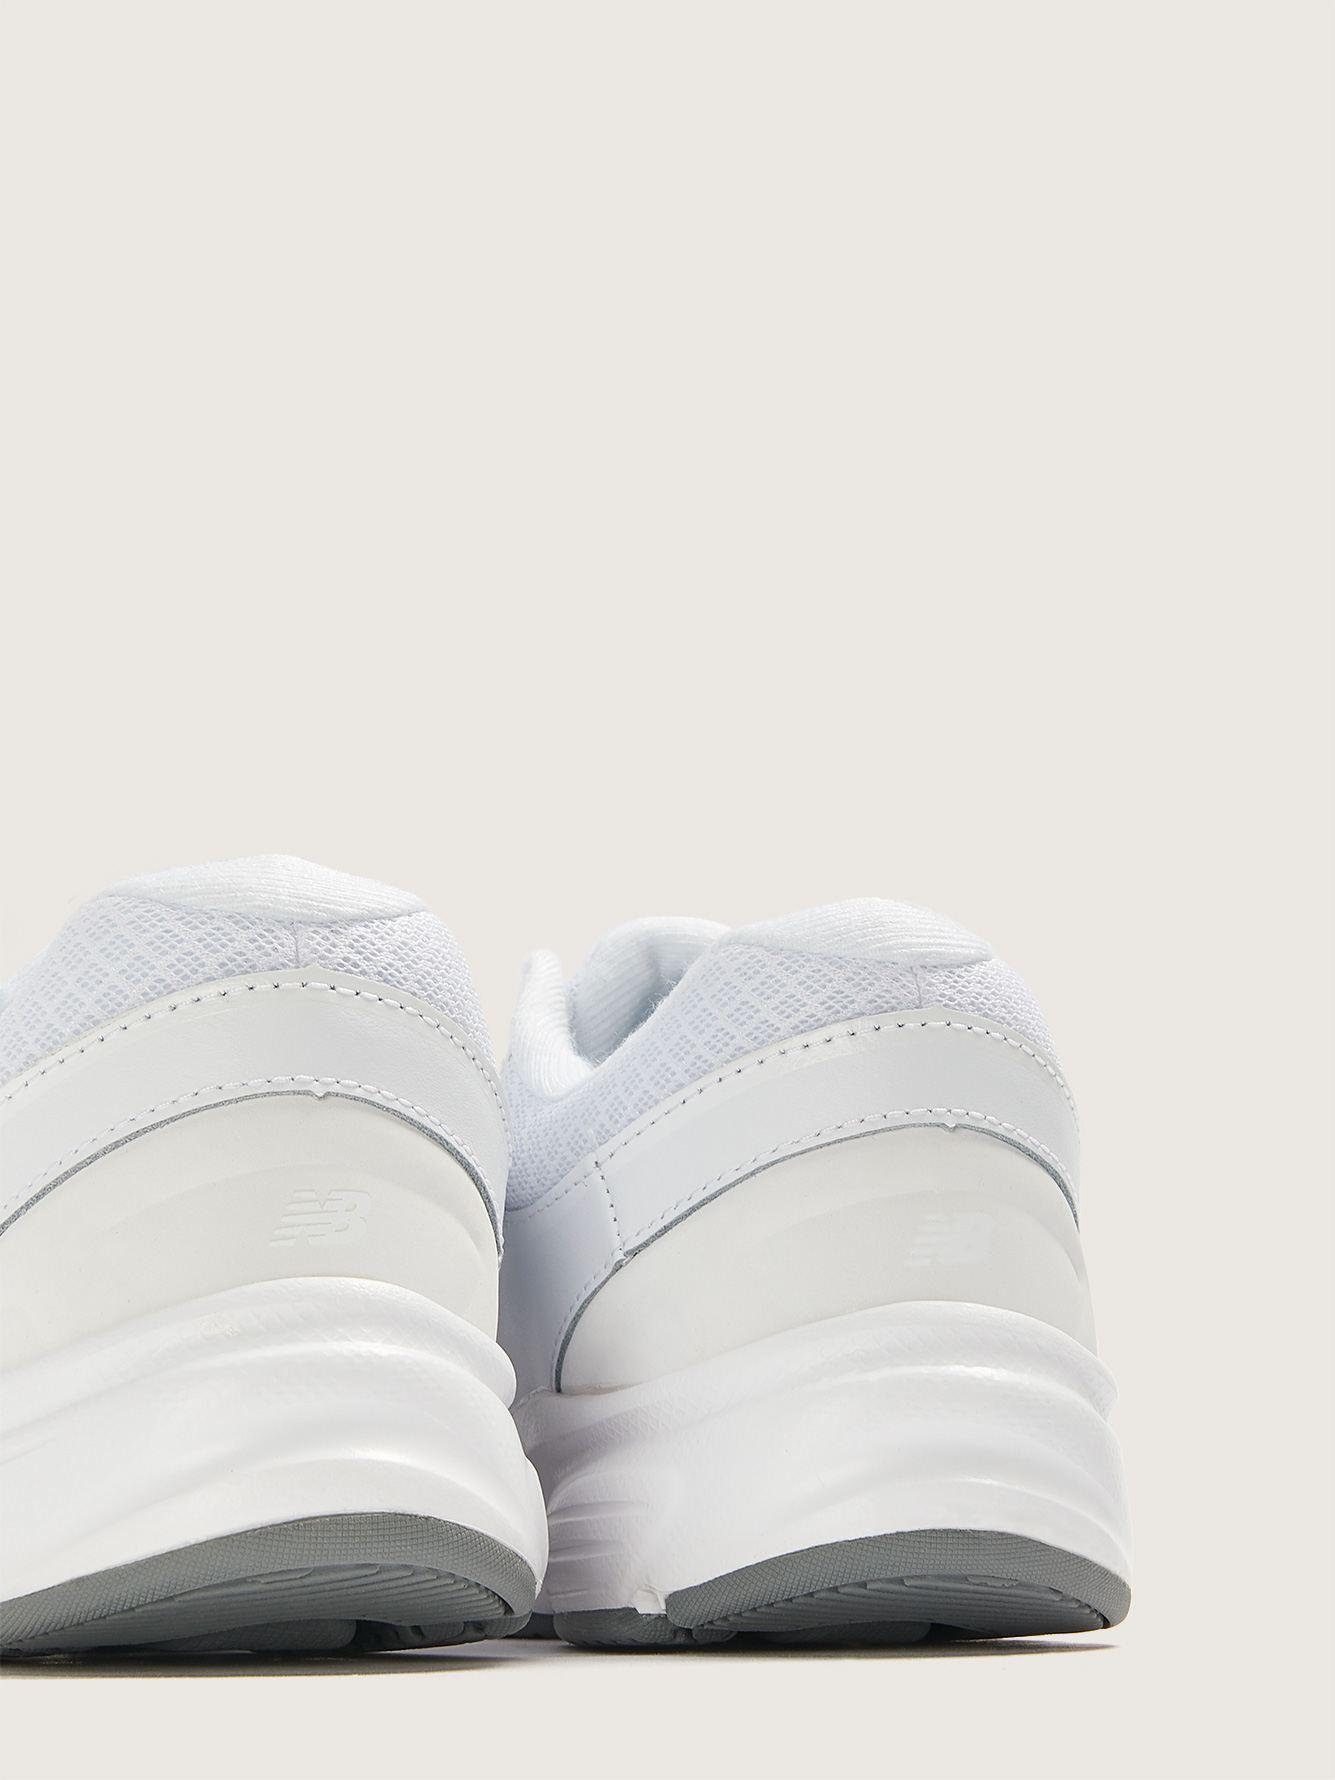 Wide Width Walking Sneakers - New Balance